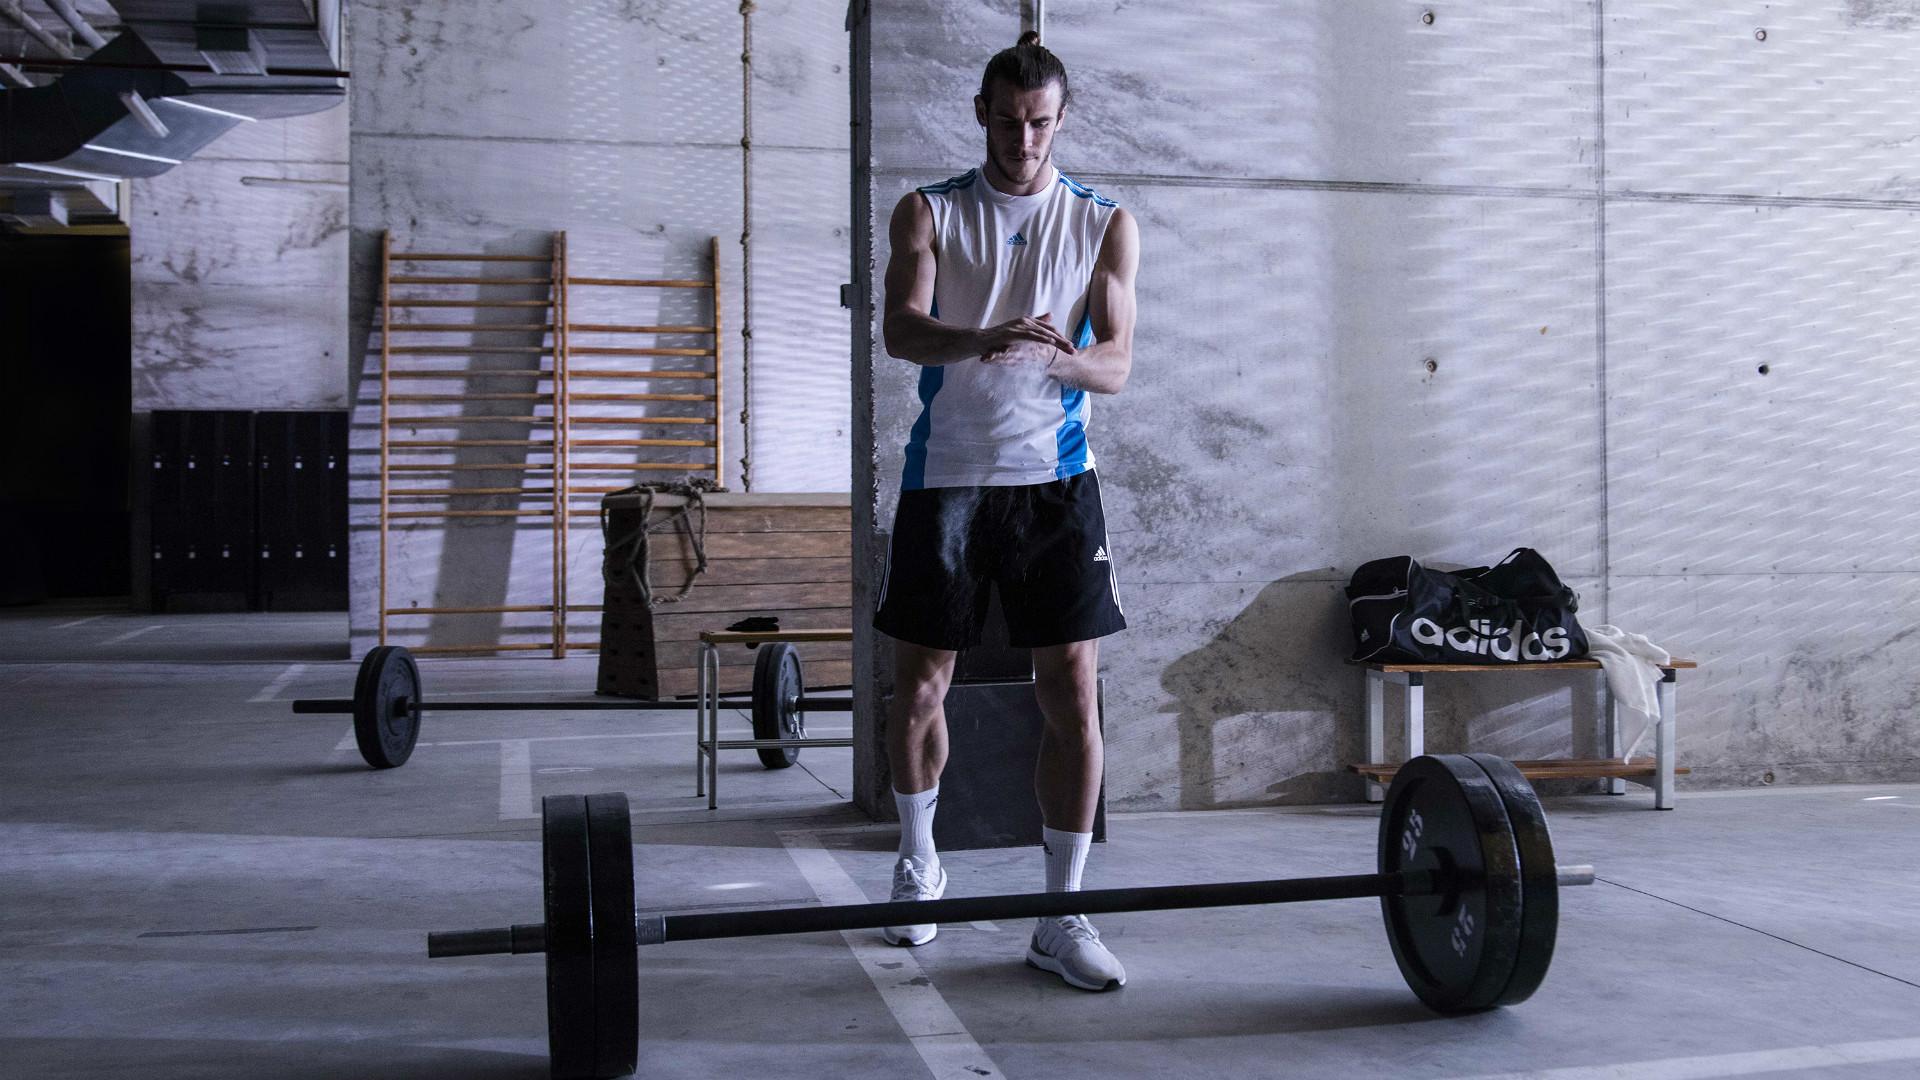 El nuevo anuncio de adidas con Gareth Bale como protagonista